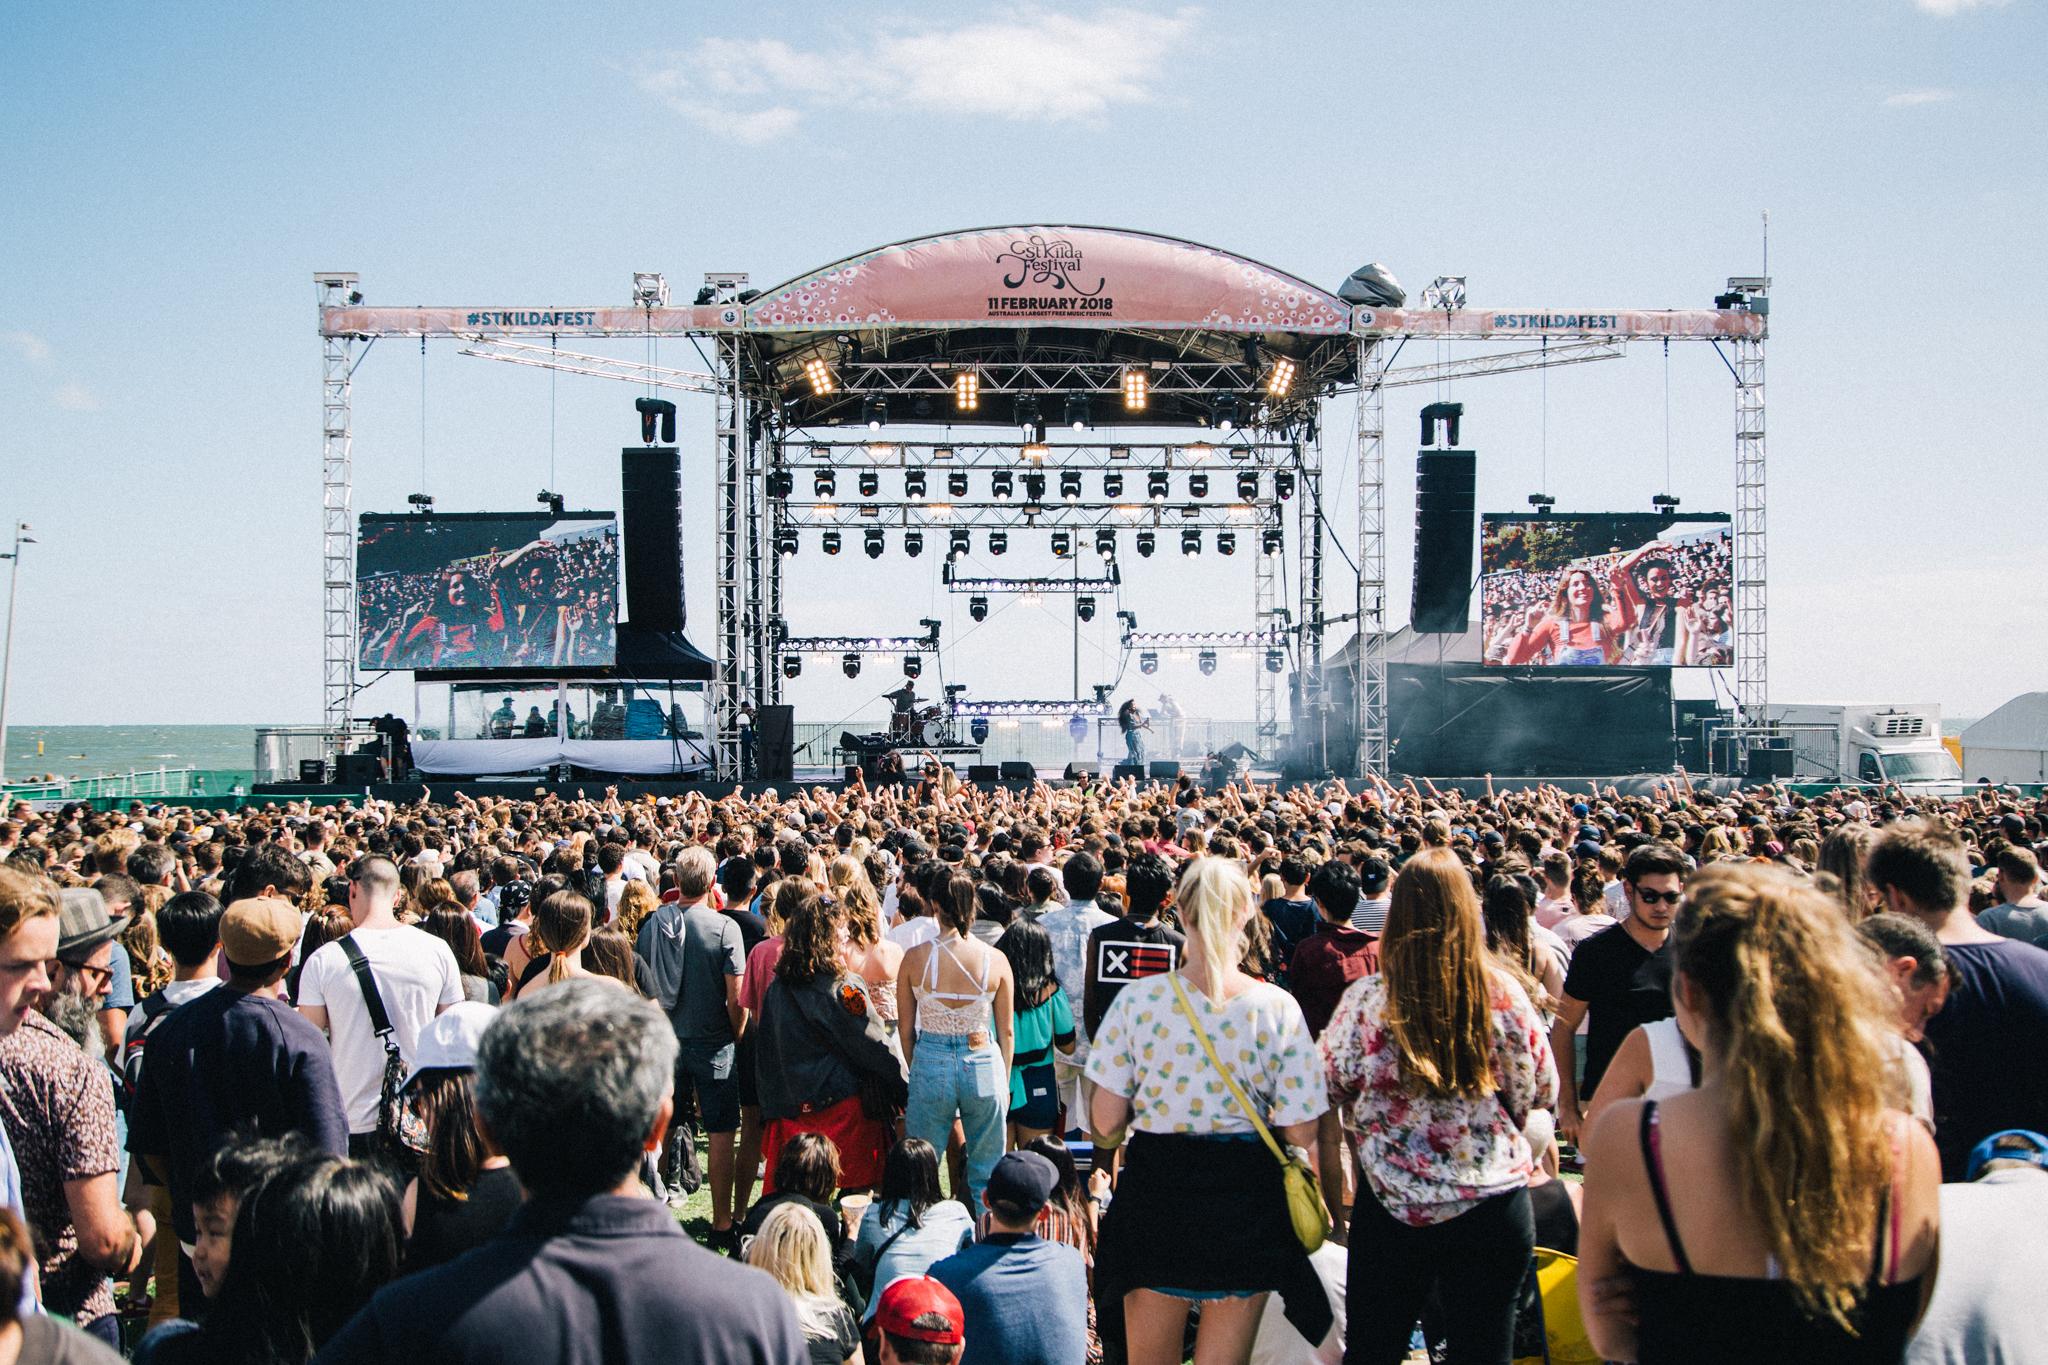 St Kilda Fest 2018